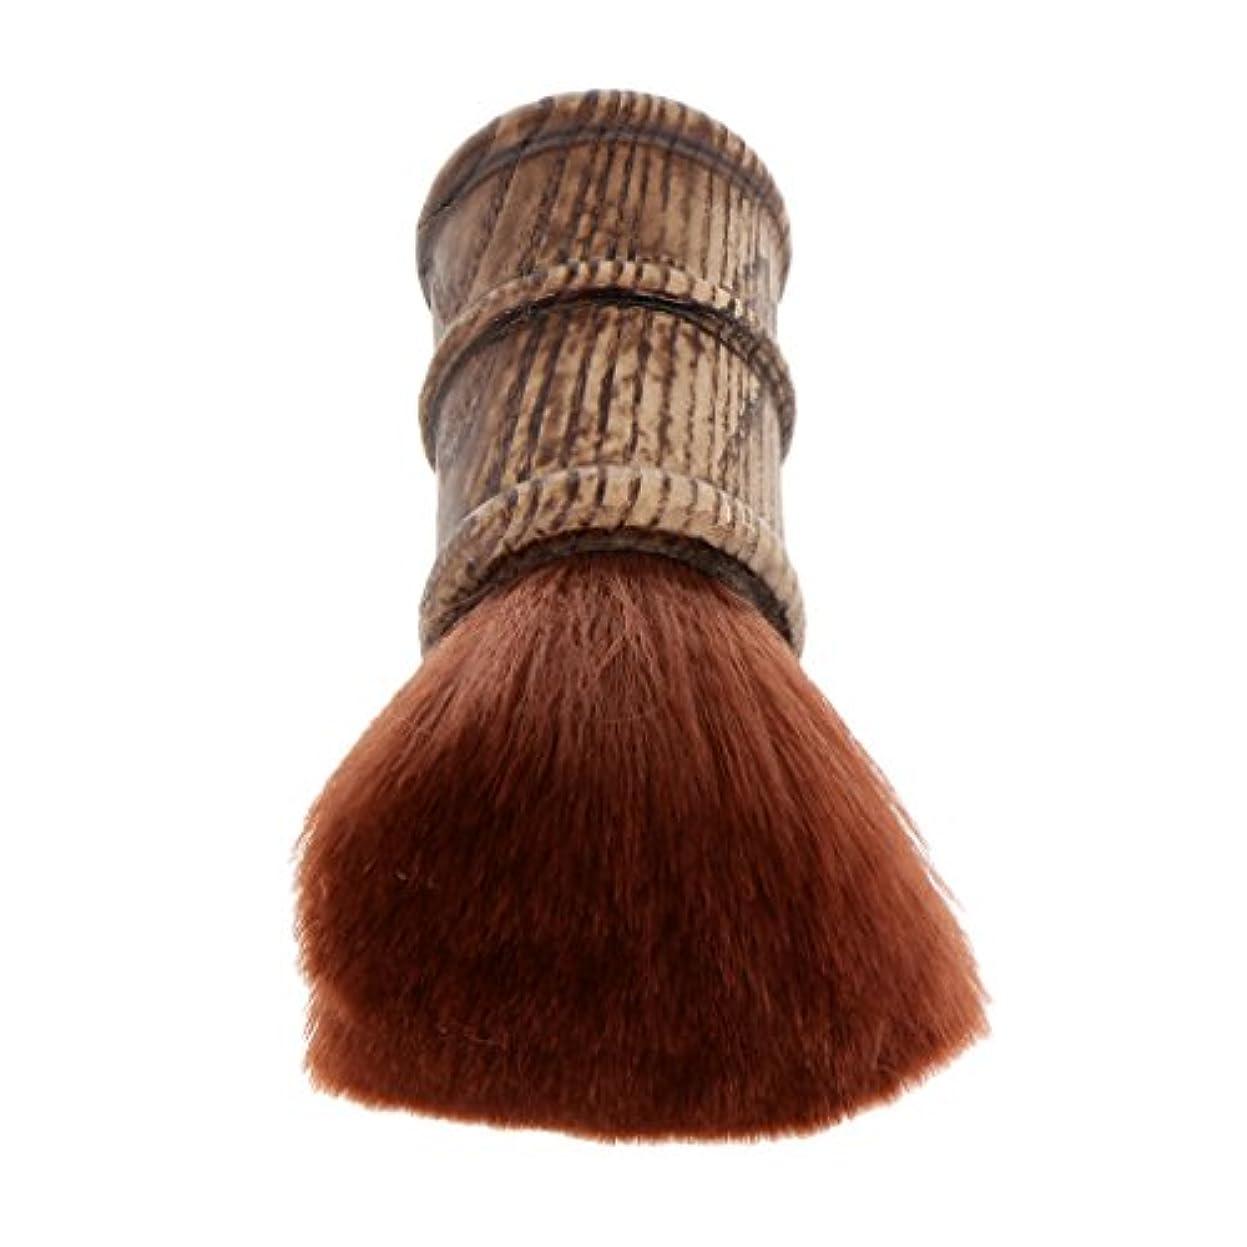 参照自然小道ネックダスターブラシ ヘアカットブラシ ブラシ プロ サロン 柔らかい 自宅用 ヘアスタイリスト ヘアカット 散髪 理髪師 2色選べる - 褐色